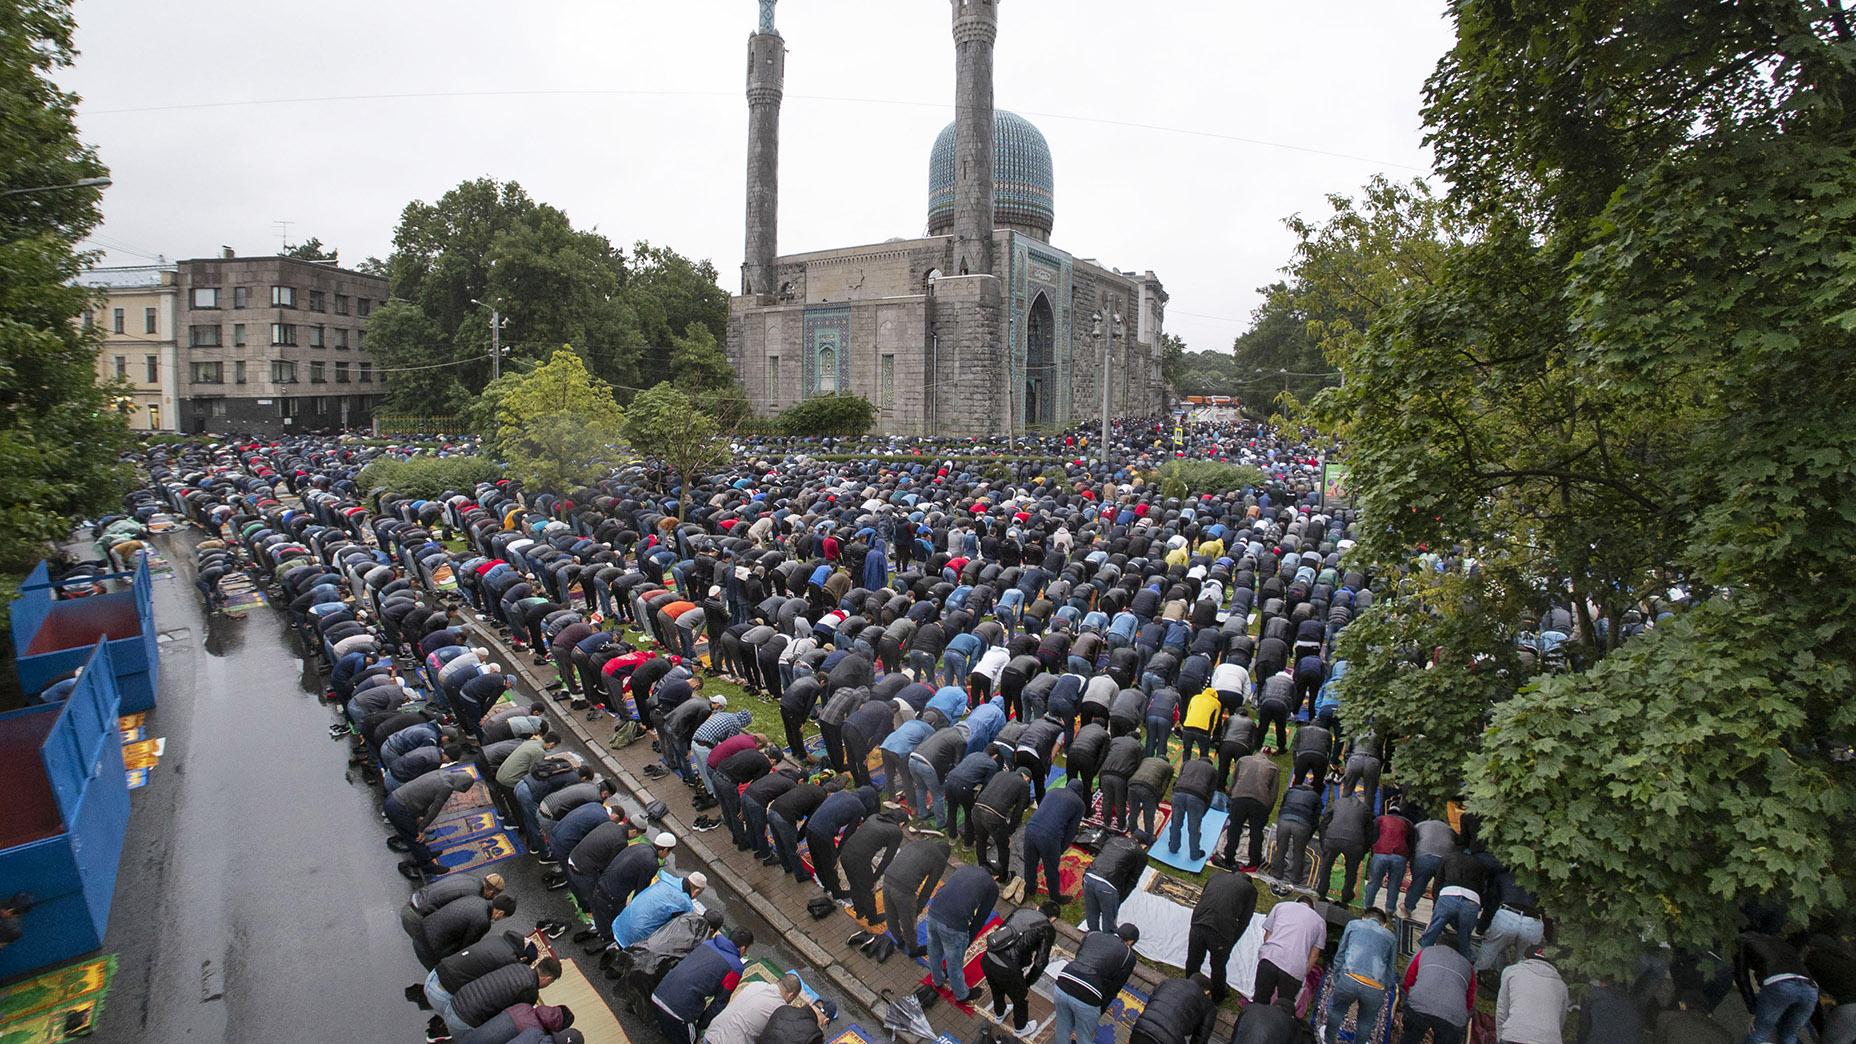 2020年7月30日俄罗斯圣彼得堡的穆斯林民众在宰牲节来临之前祷告。(美联社)